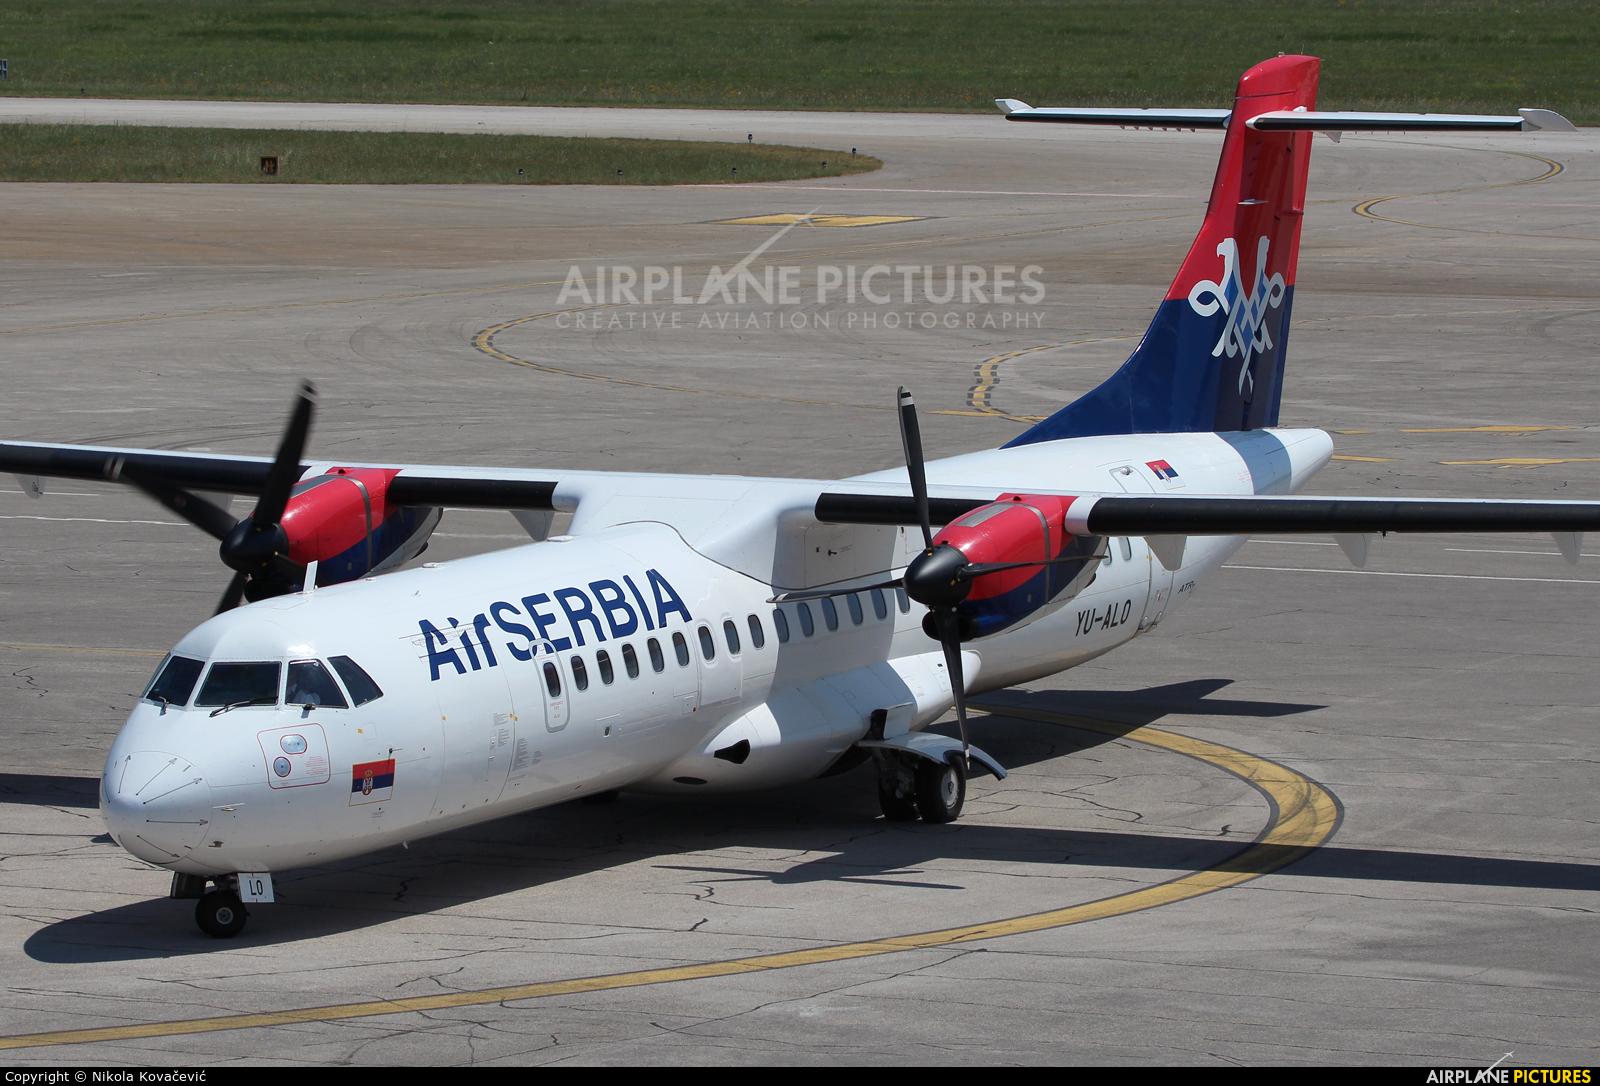 Air Serbia YU-ALO aircraft at Pula